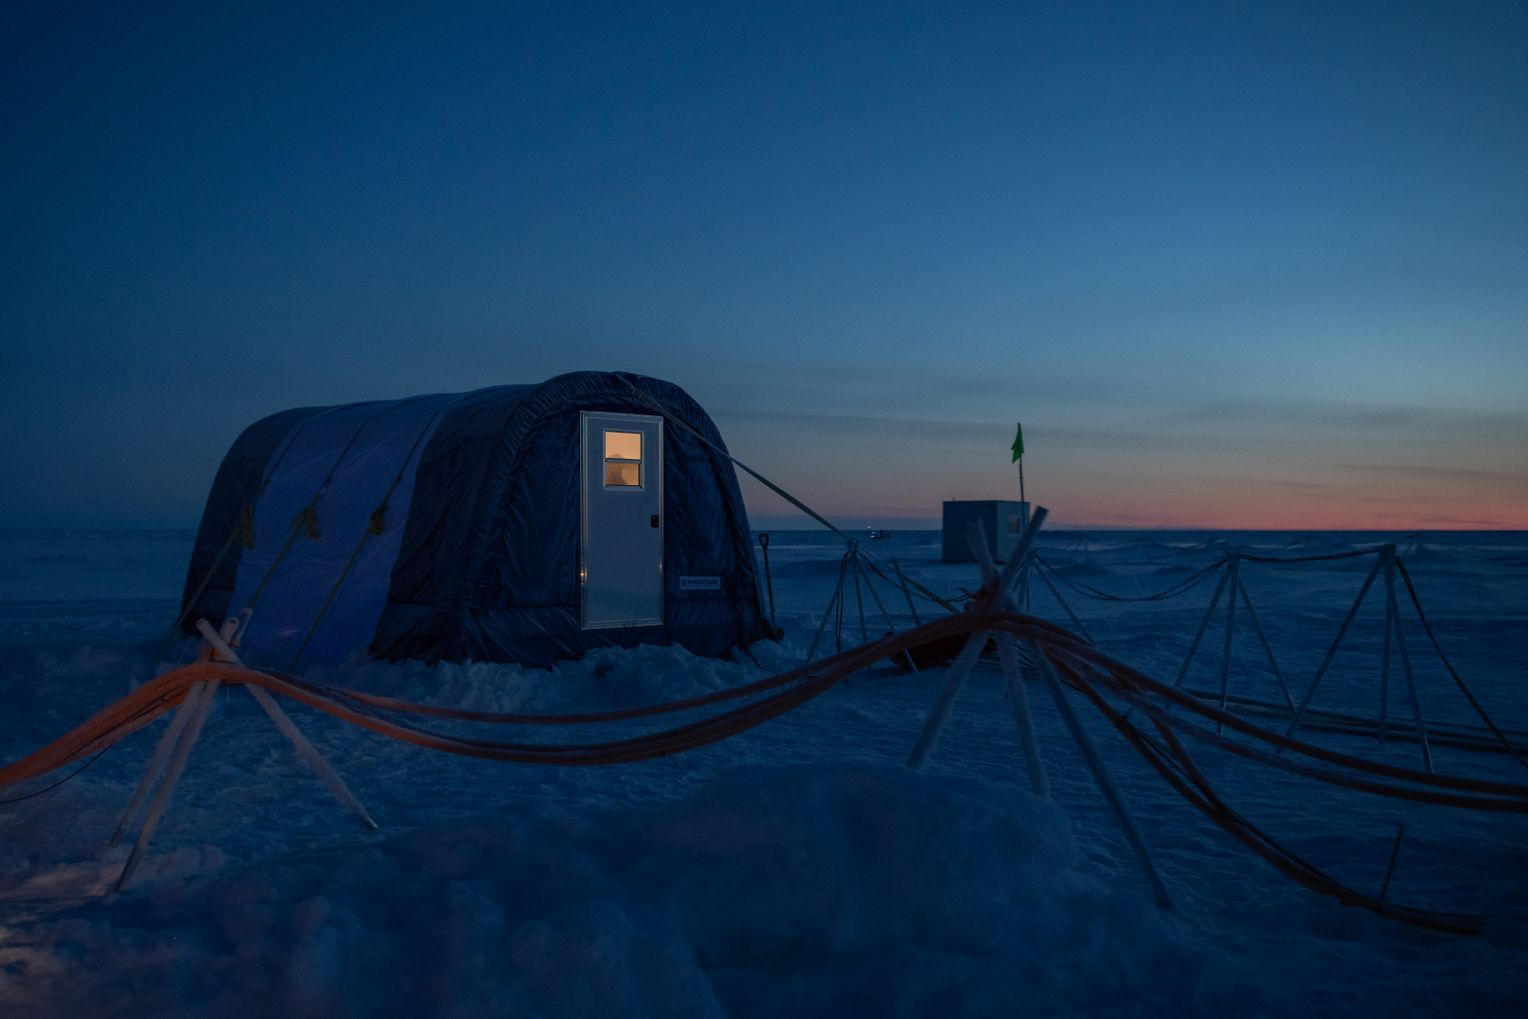 Rings um die »Polarstern« wurden Forschungs- und Messstationen in Zelten errichtet, mit dem Schiff verbunden durch Strom- und Datenkabel. Foto:Esther Horvath